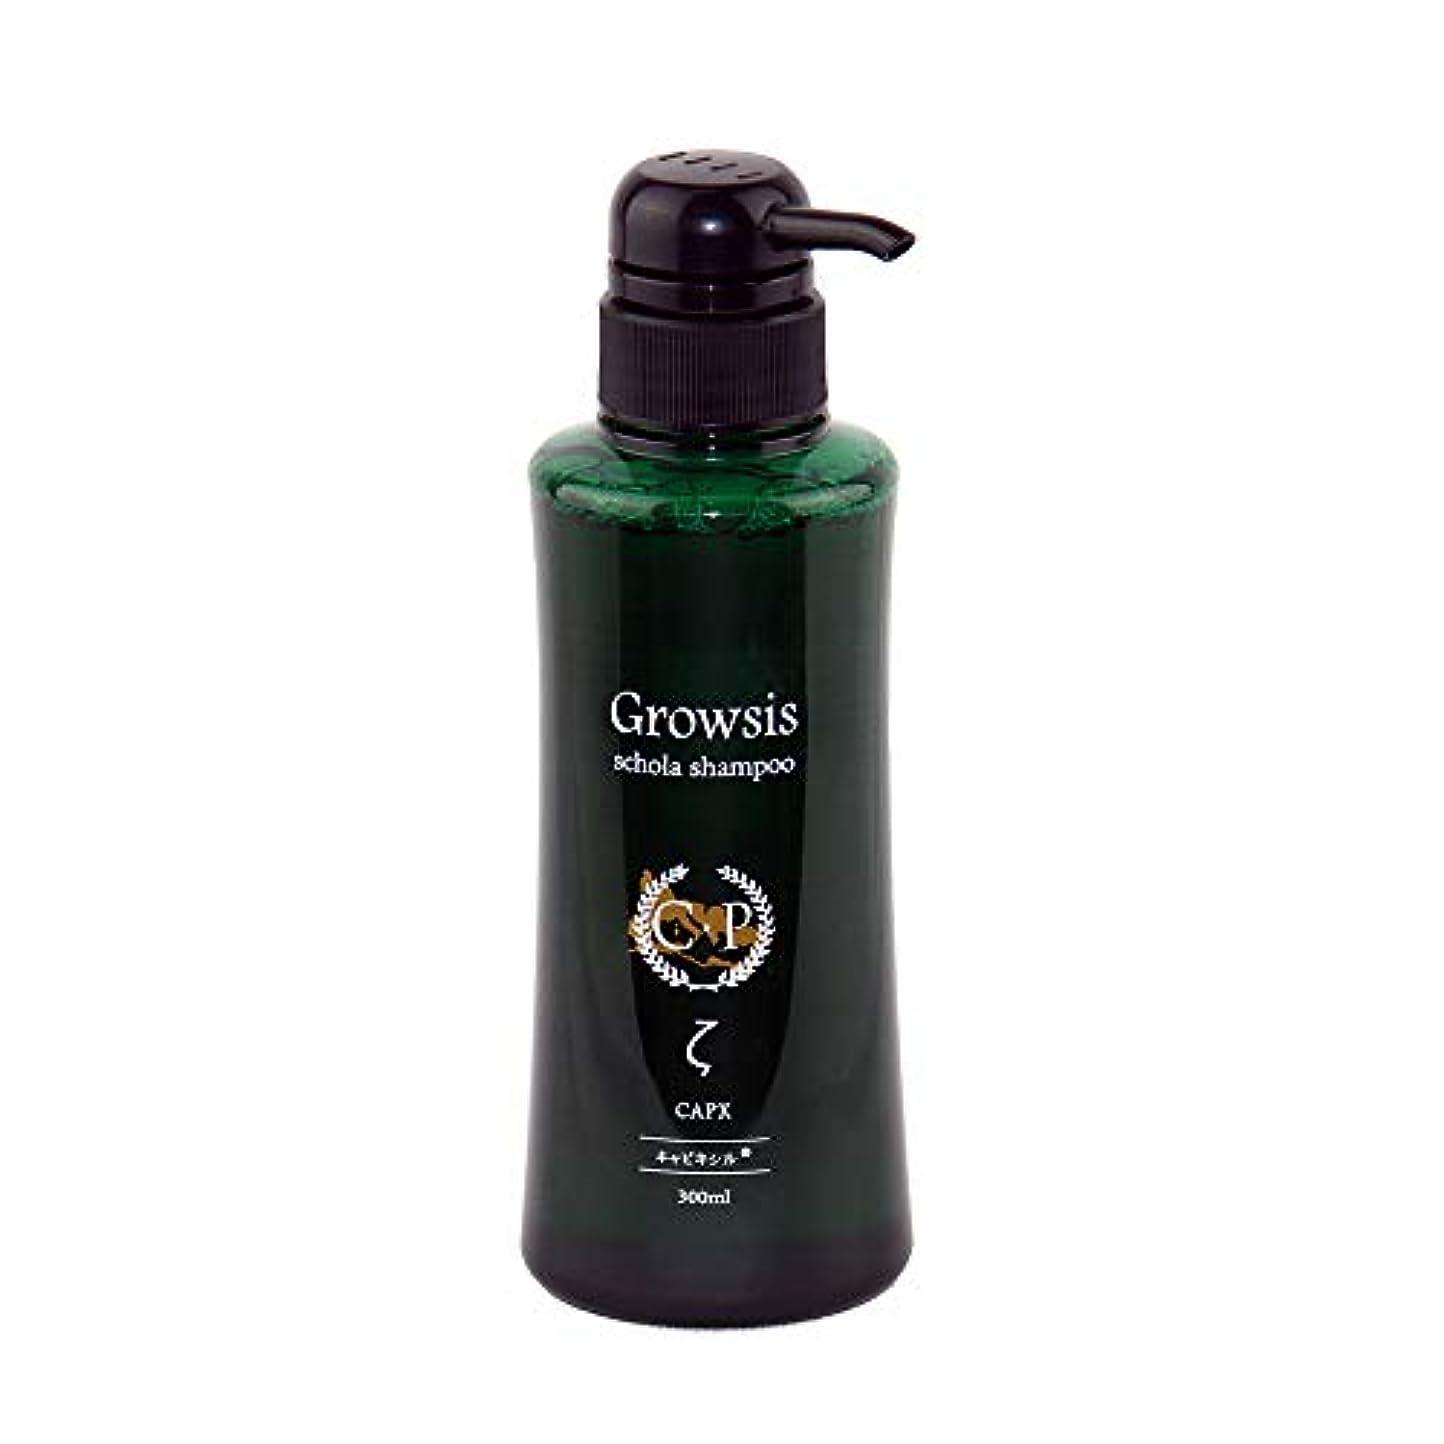 汚染された気分が良いファイアル抜け毛に悩んだらグロウシス スコラシャンプー ゼータ 300ml 「ミノキシジル」の3倍効果「キャピキシル」を業界最高濃度配合 うるおい成分「ベタイン」と「シラノール(ケイ素)」増量、ふけ、かゆみにも悩む人に。